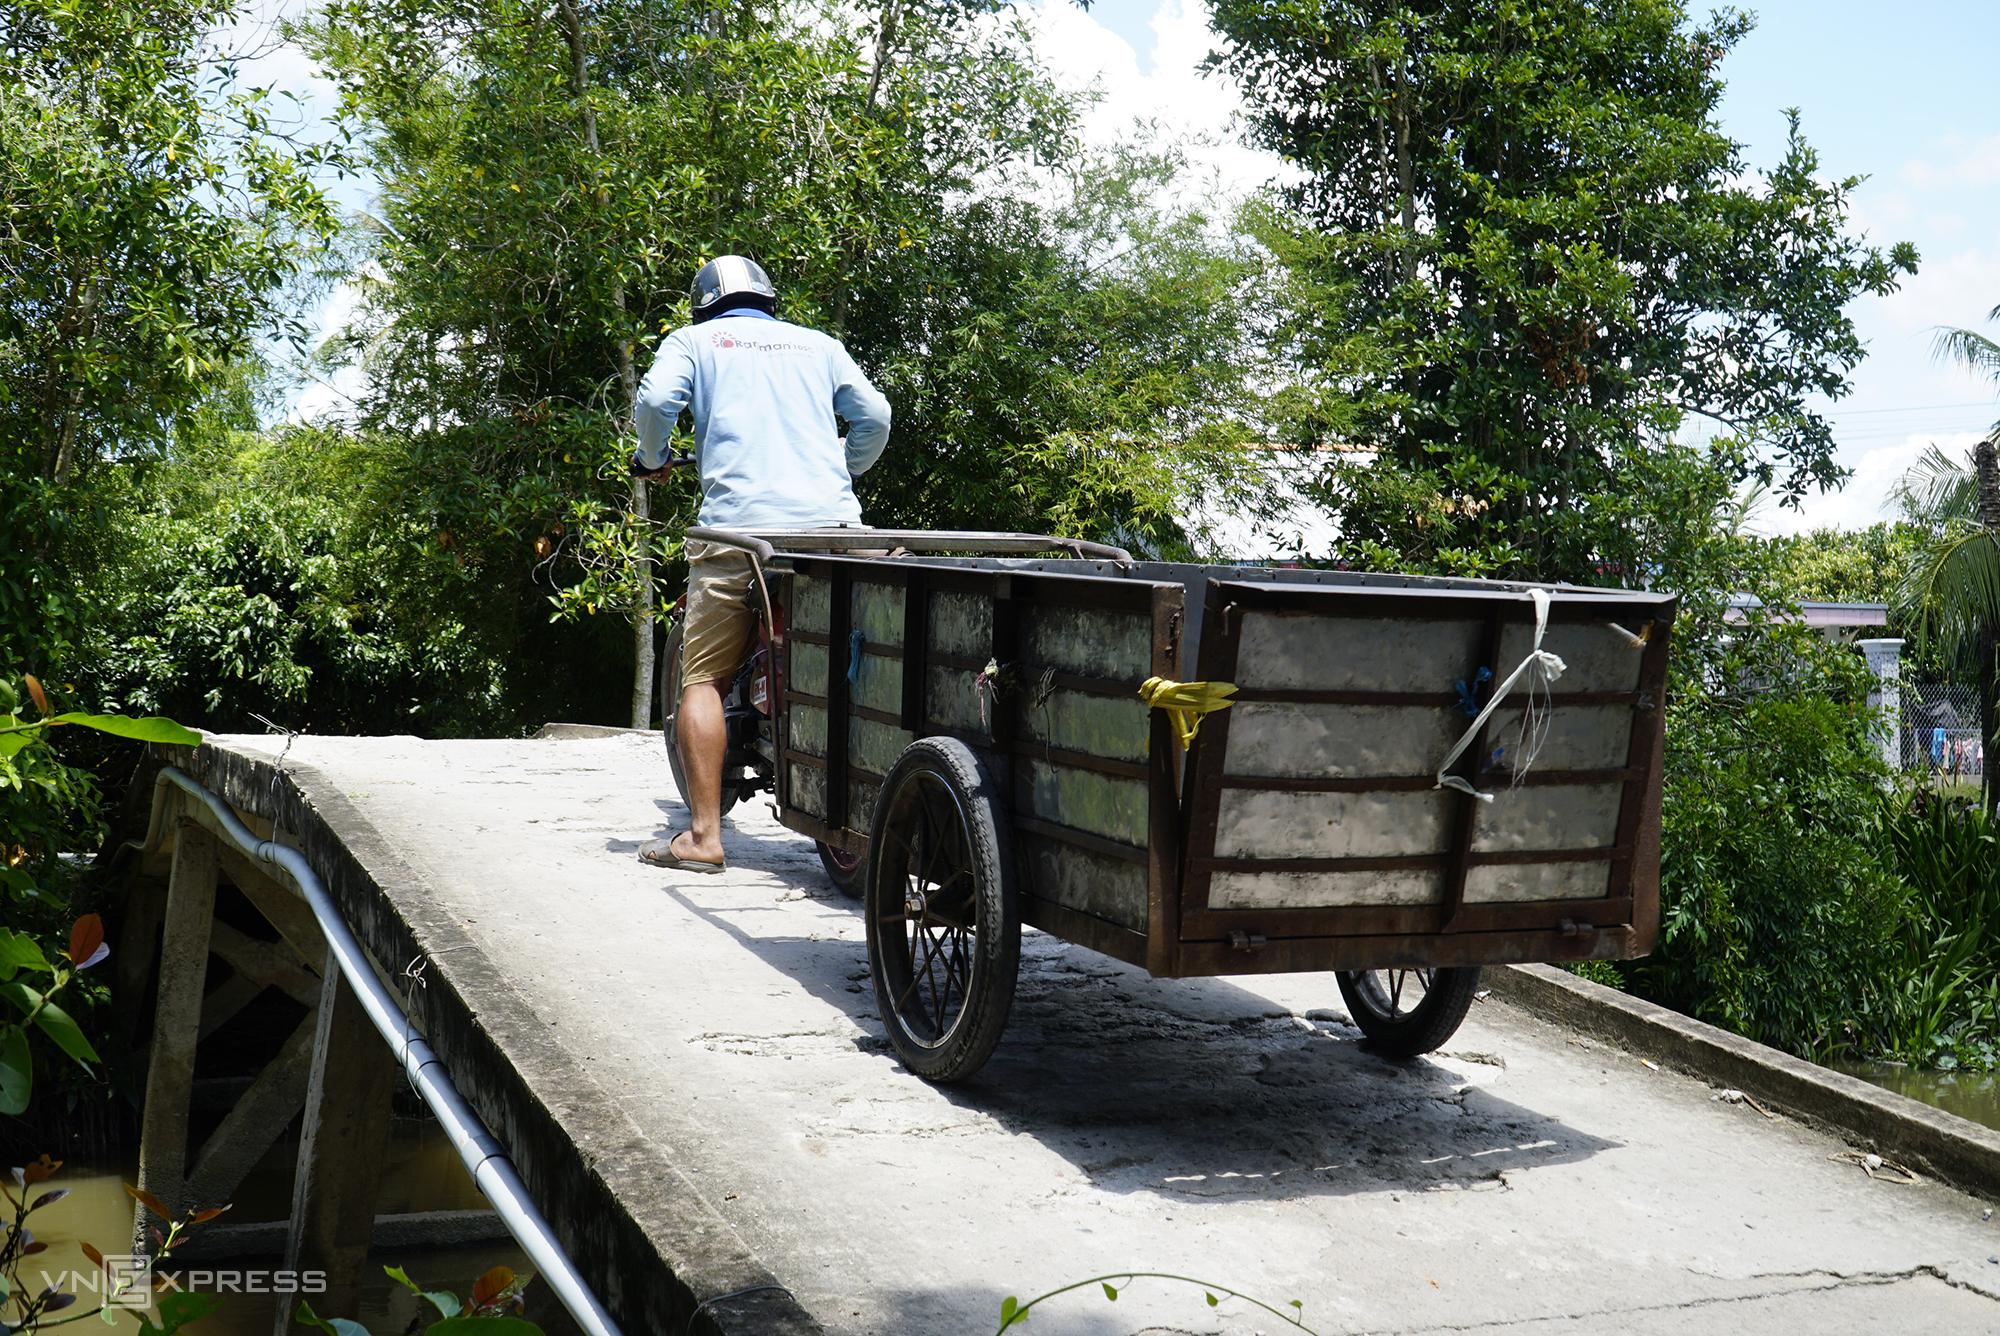 Cầu Gộc Gừa hẹp, xuống cấp lại không có lan can nên việc di chuyển phải thật cẩn thận. Ảnh: Ngọc Tài